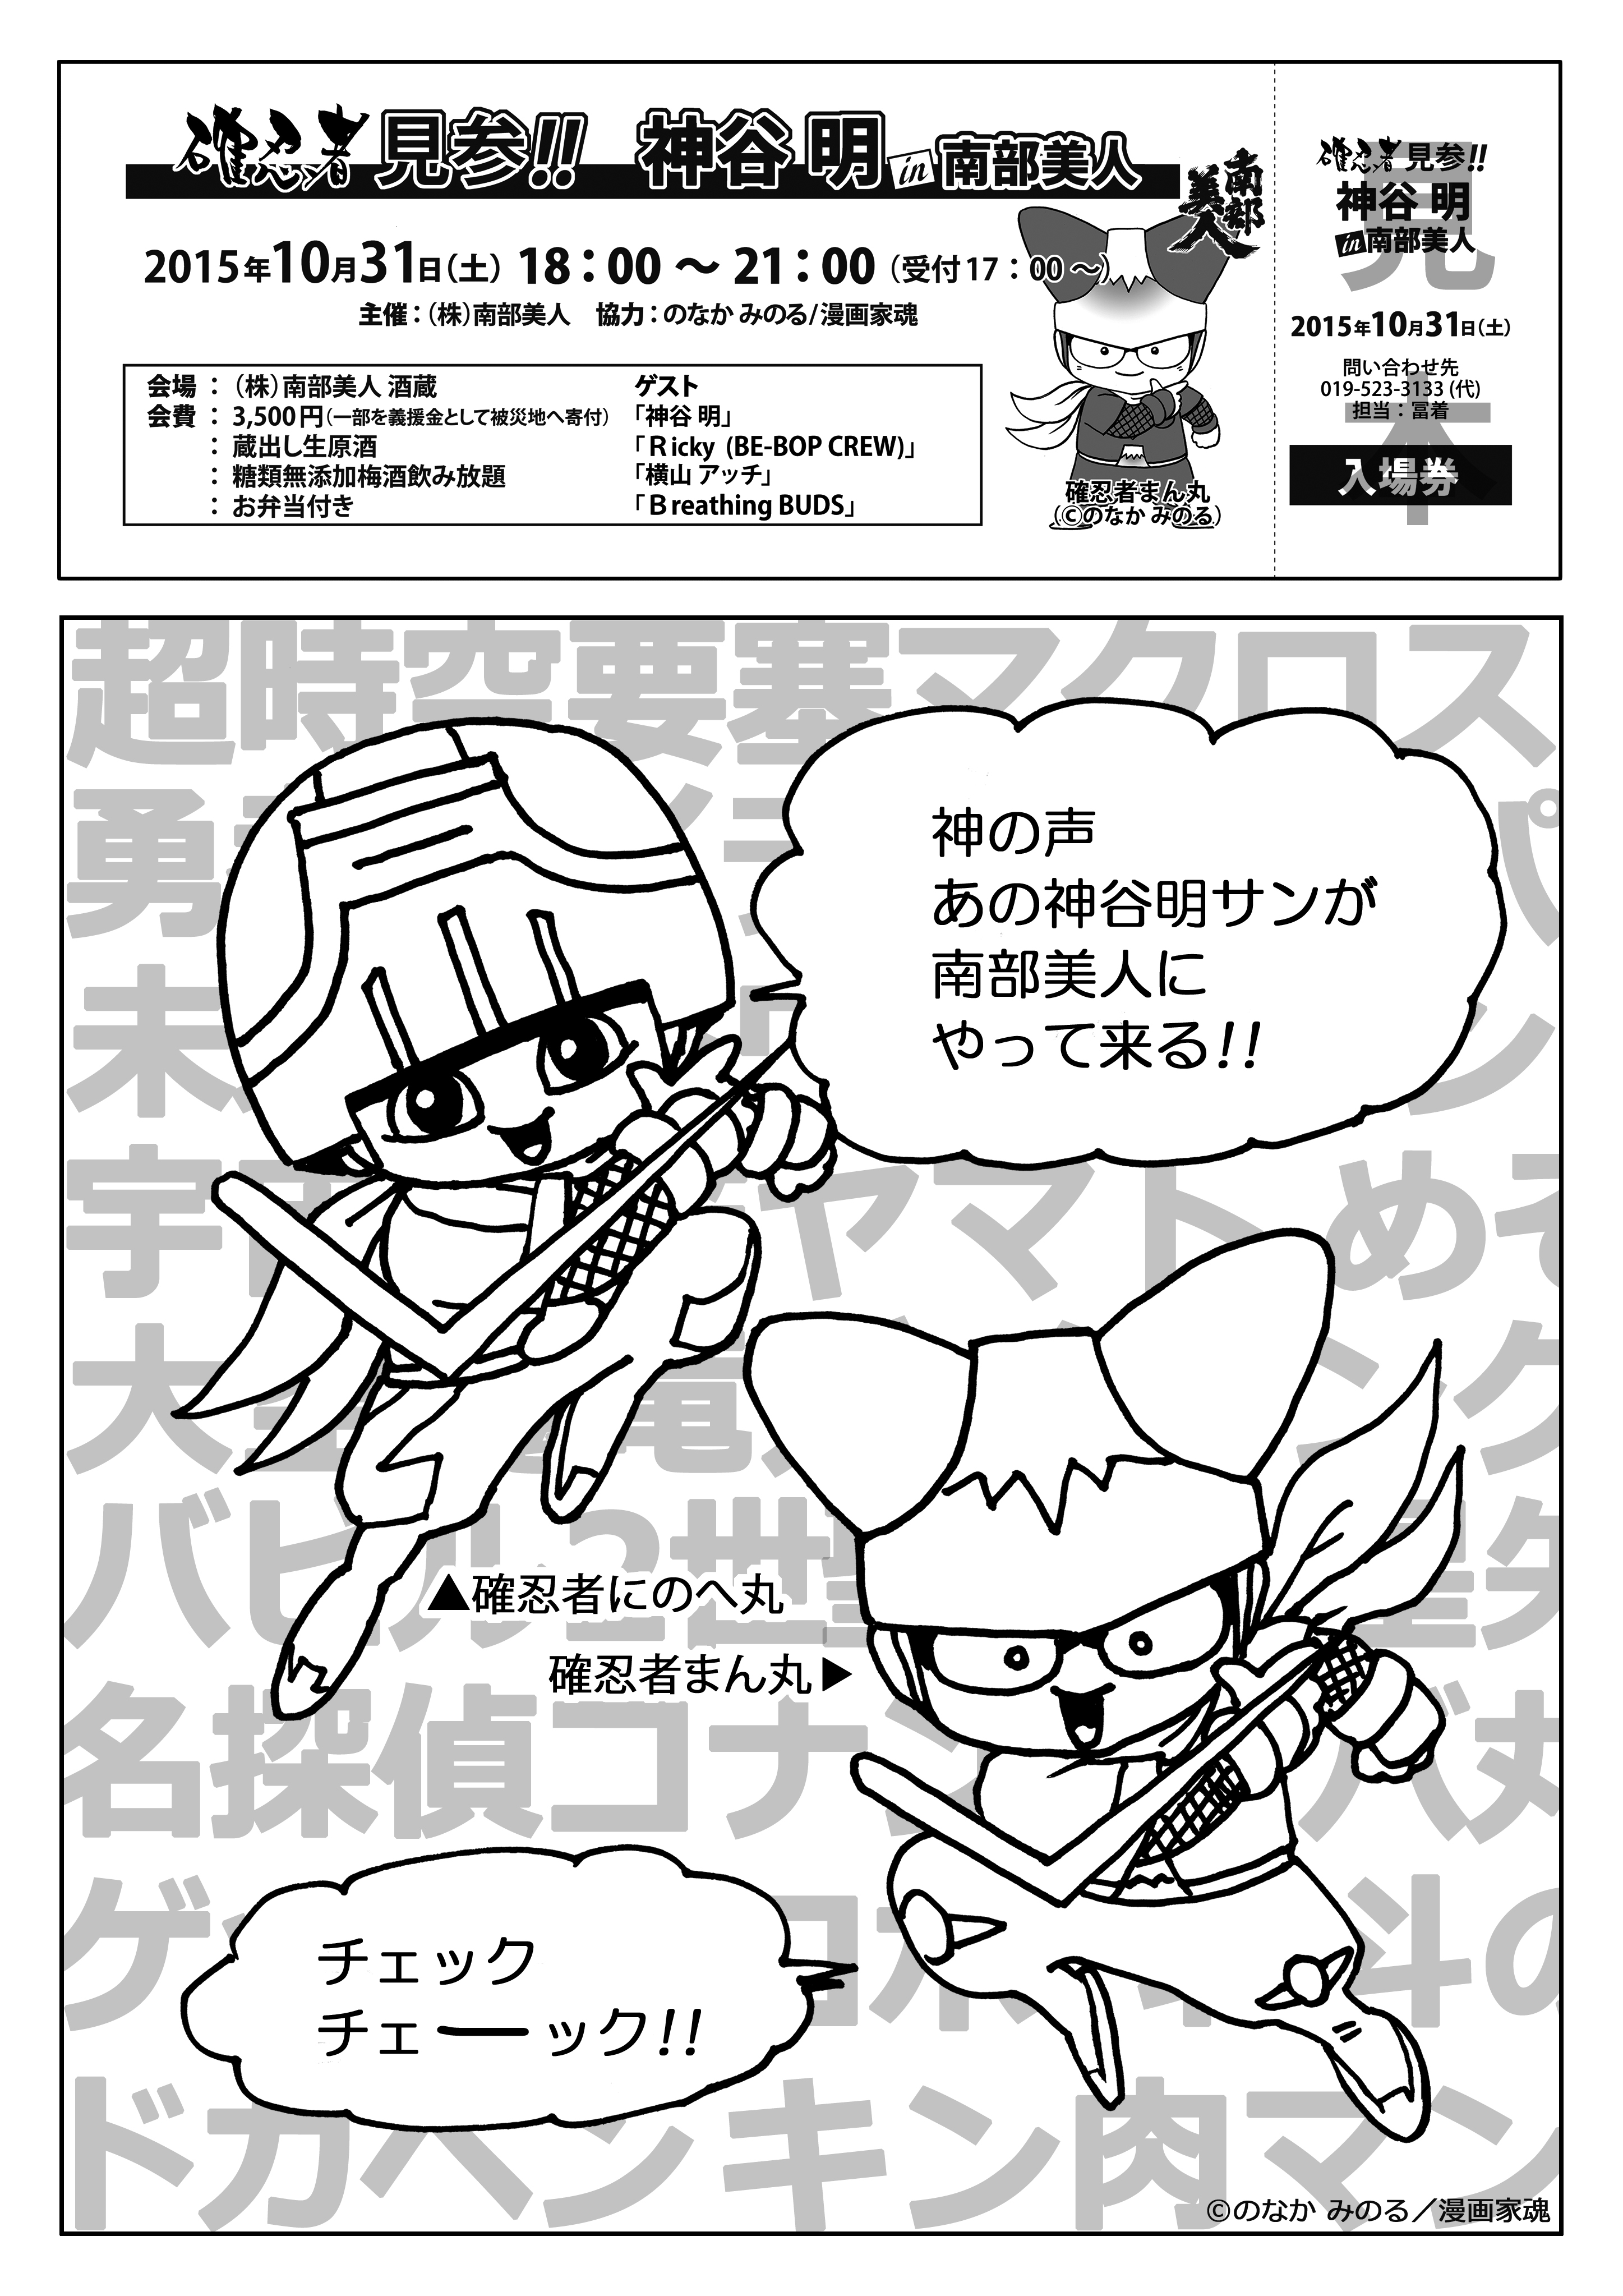 神谷明さんイベント用フライヤー